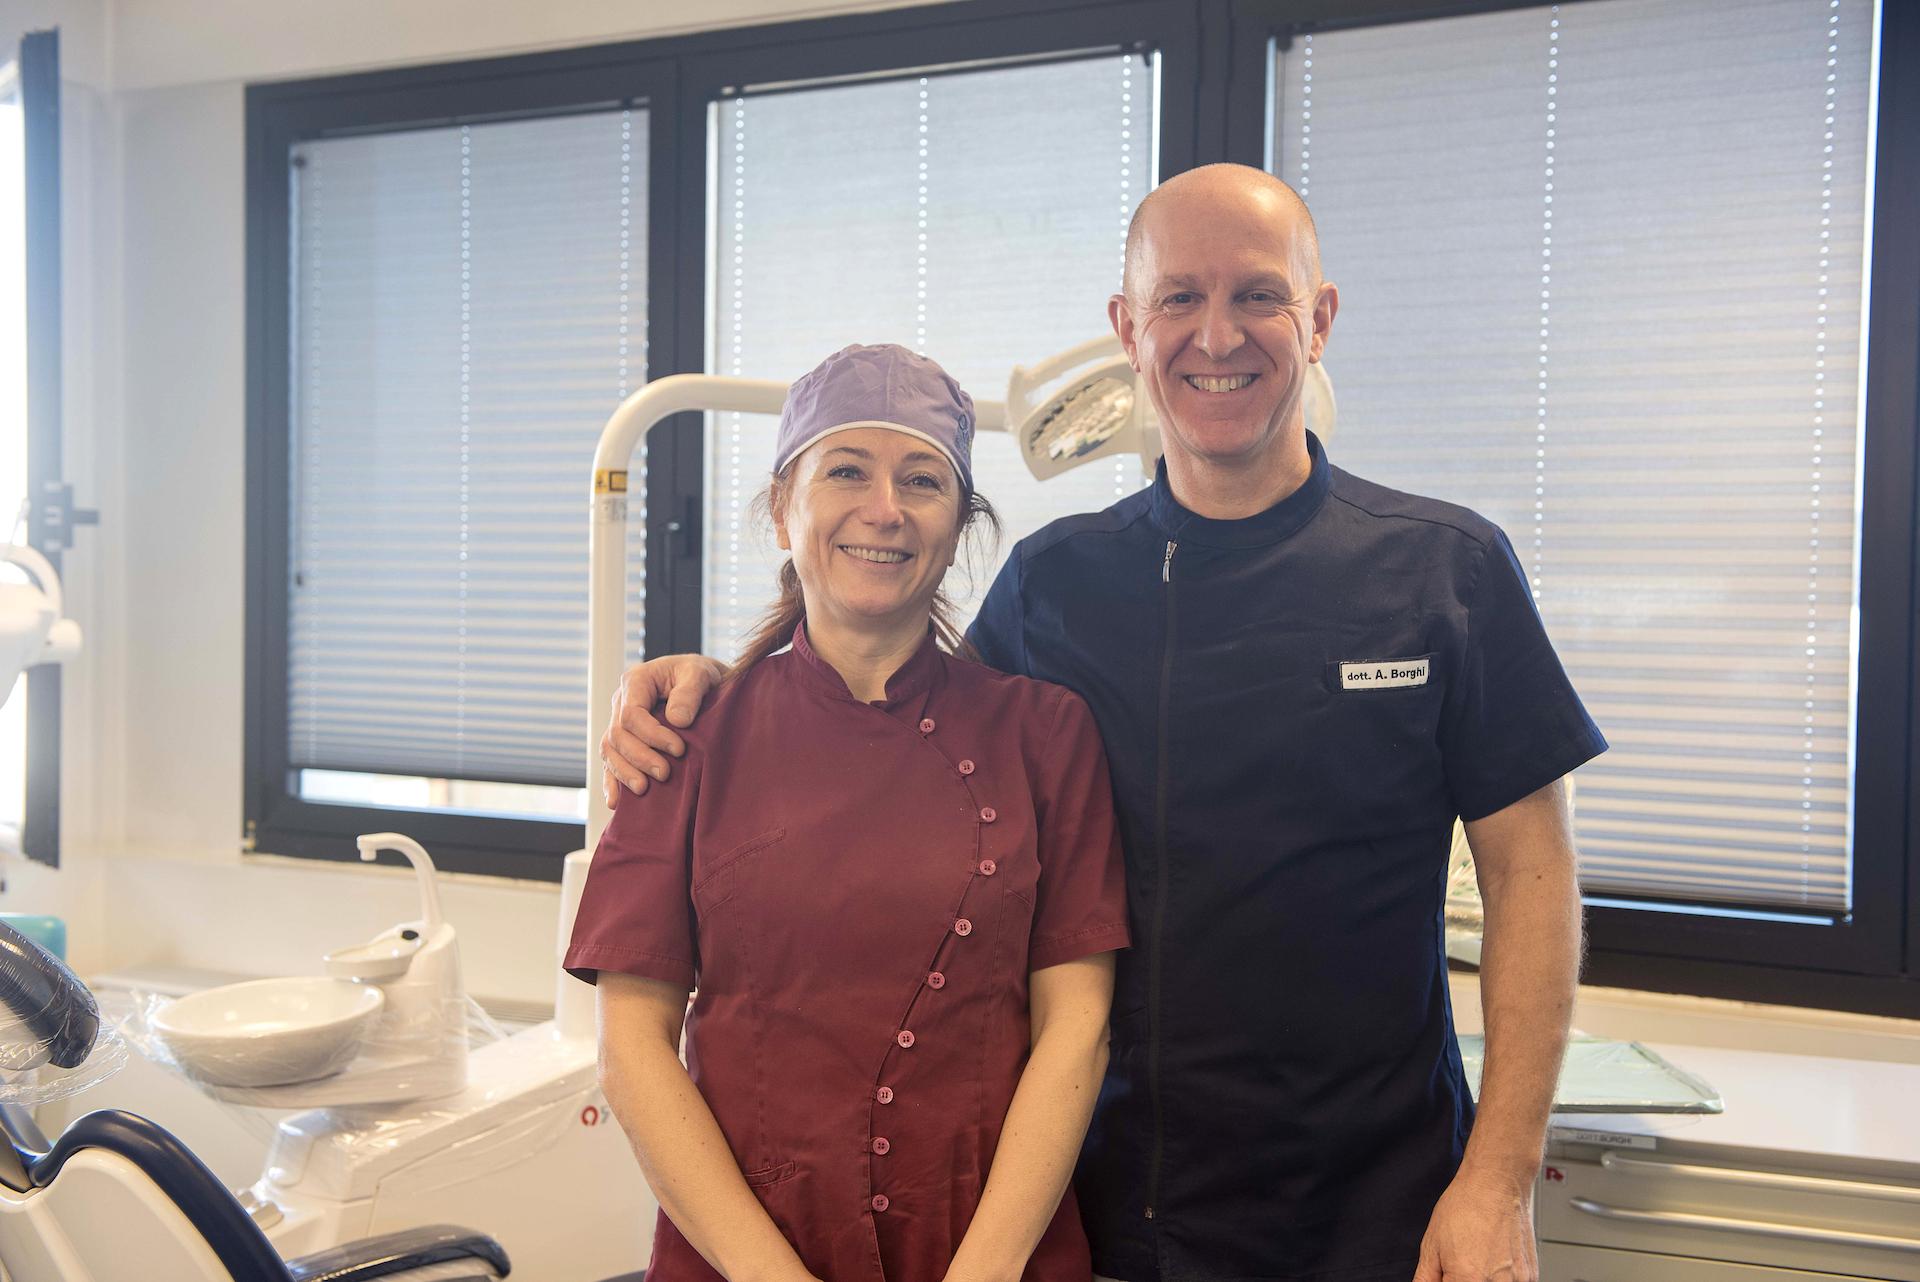 odontoiatria-ortodonzia-staff-medico-1